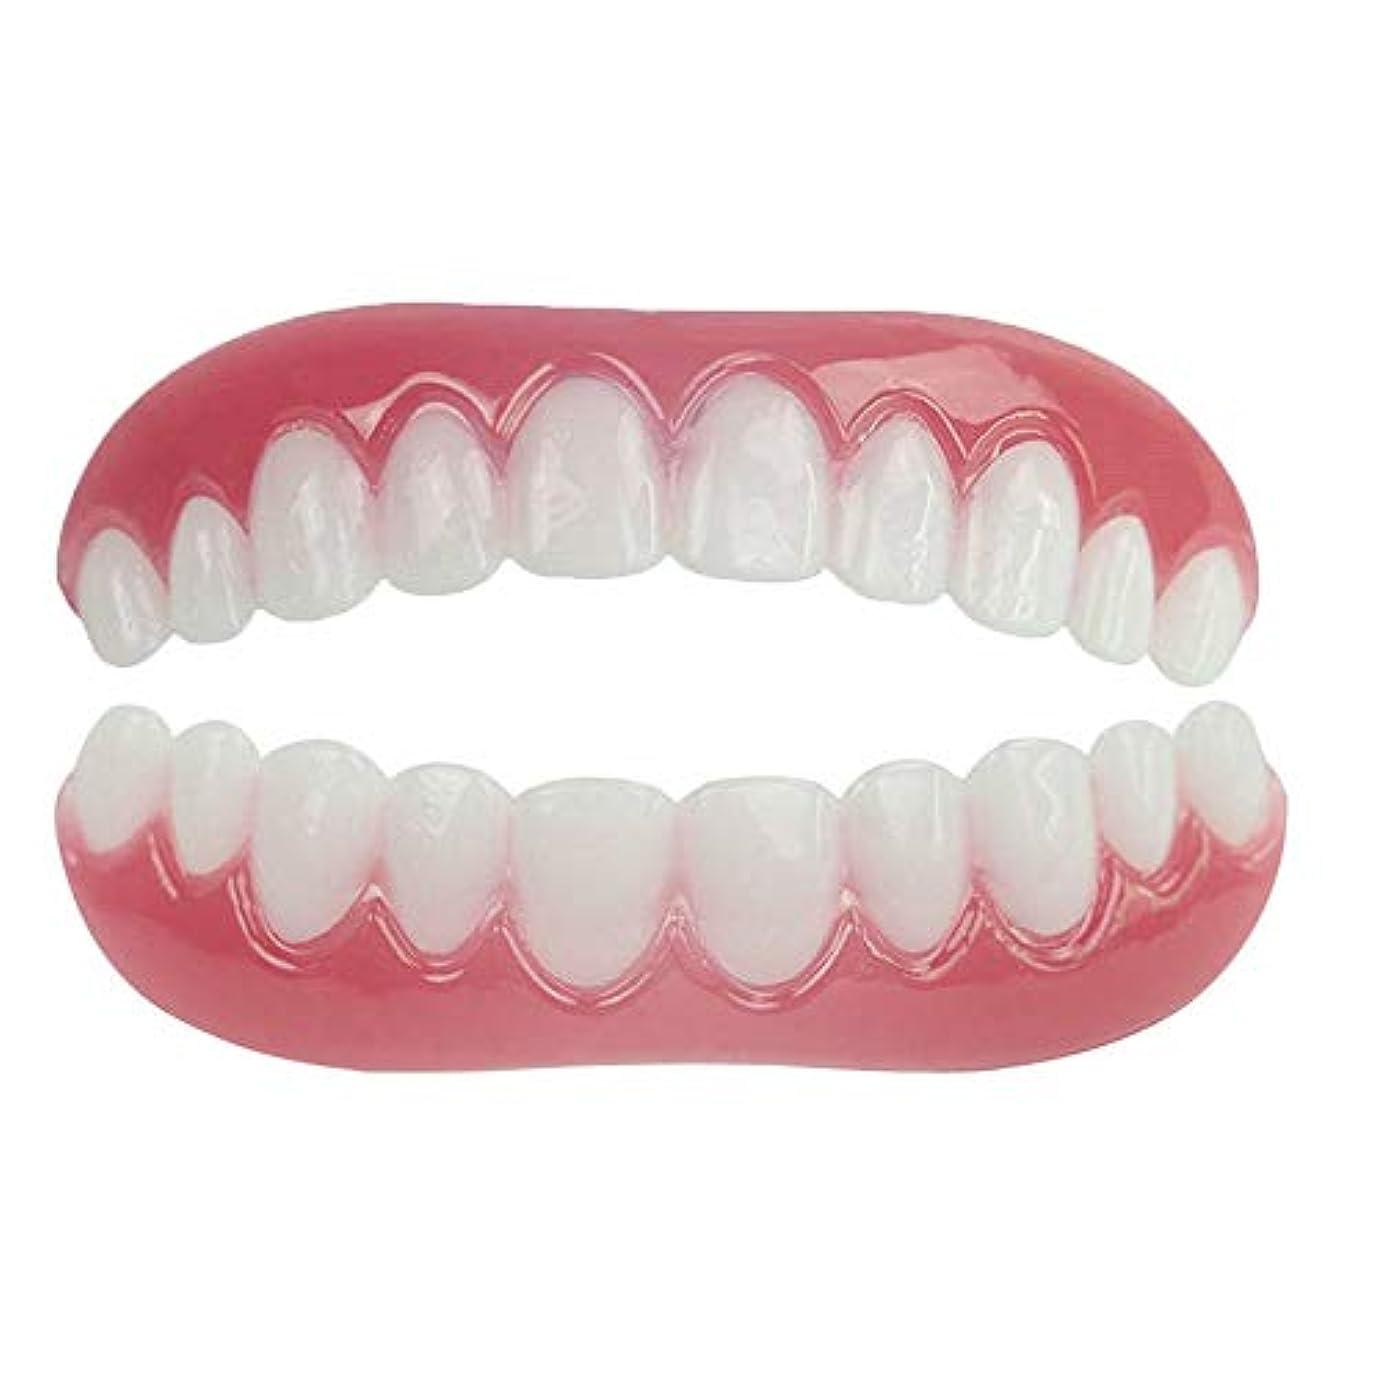 遊びます民族主義キャンセルシリコンシミュレーションの上下の義歯スリーブ、歯科用ベニヤホワイトニングティーセット(2セット),Boxed,UpperLower